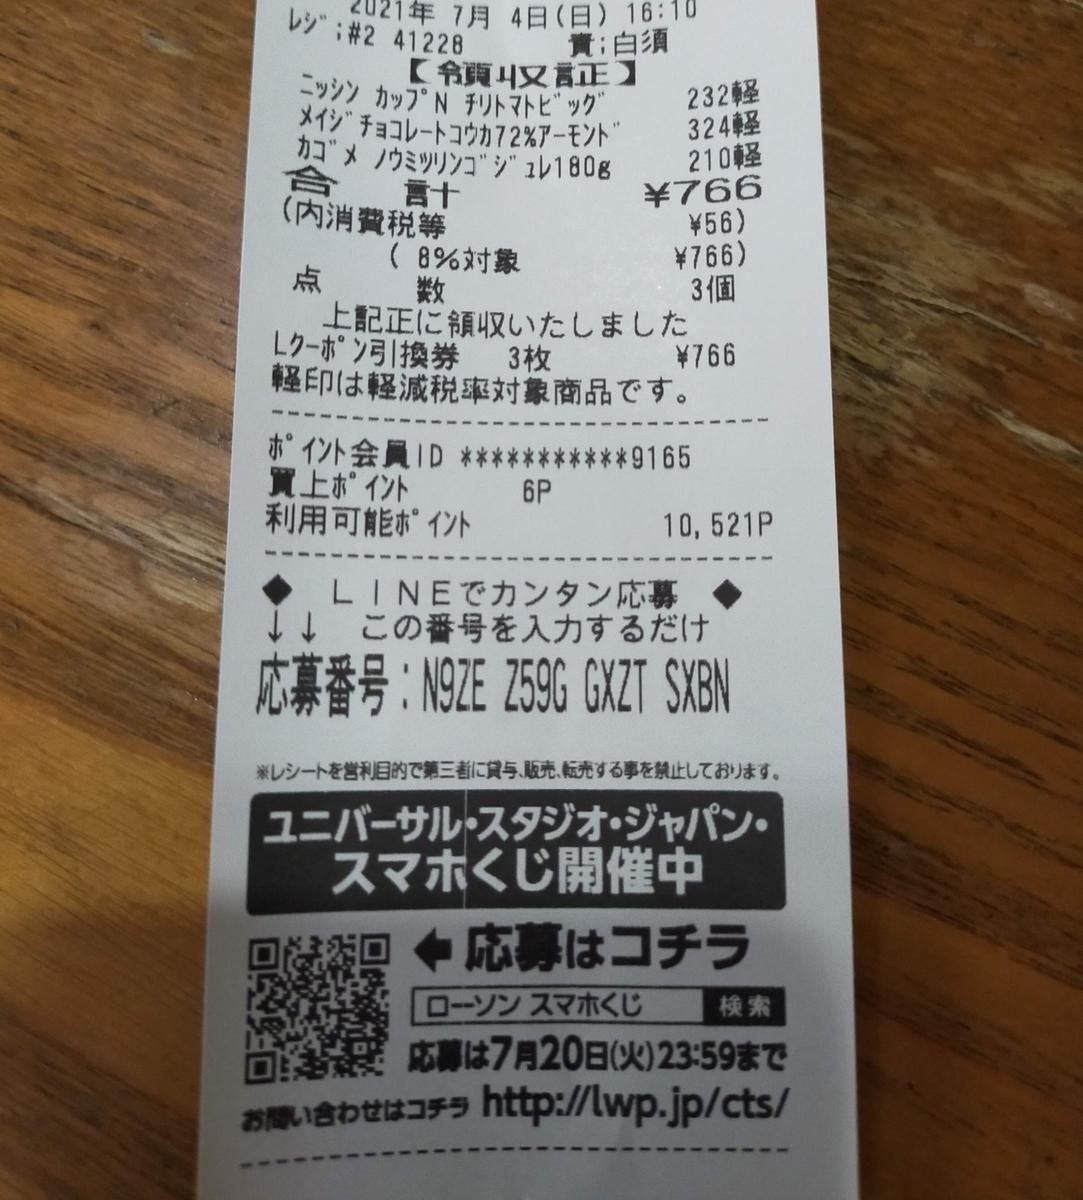 f:id:kenjiro2:20210704181609j:plain